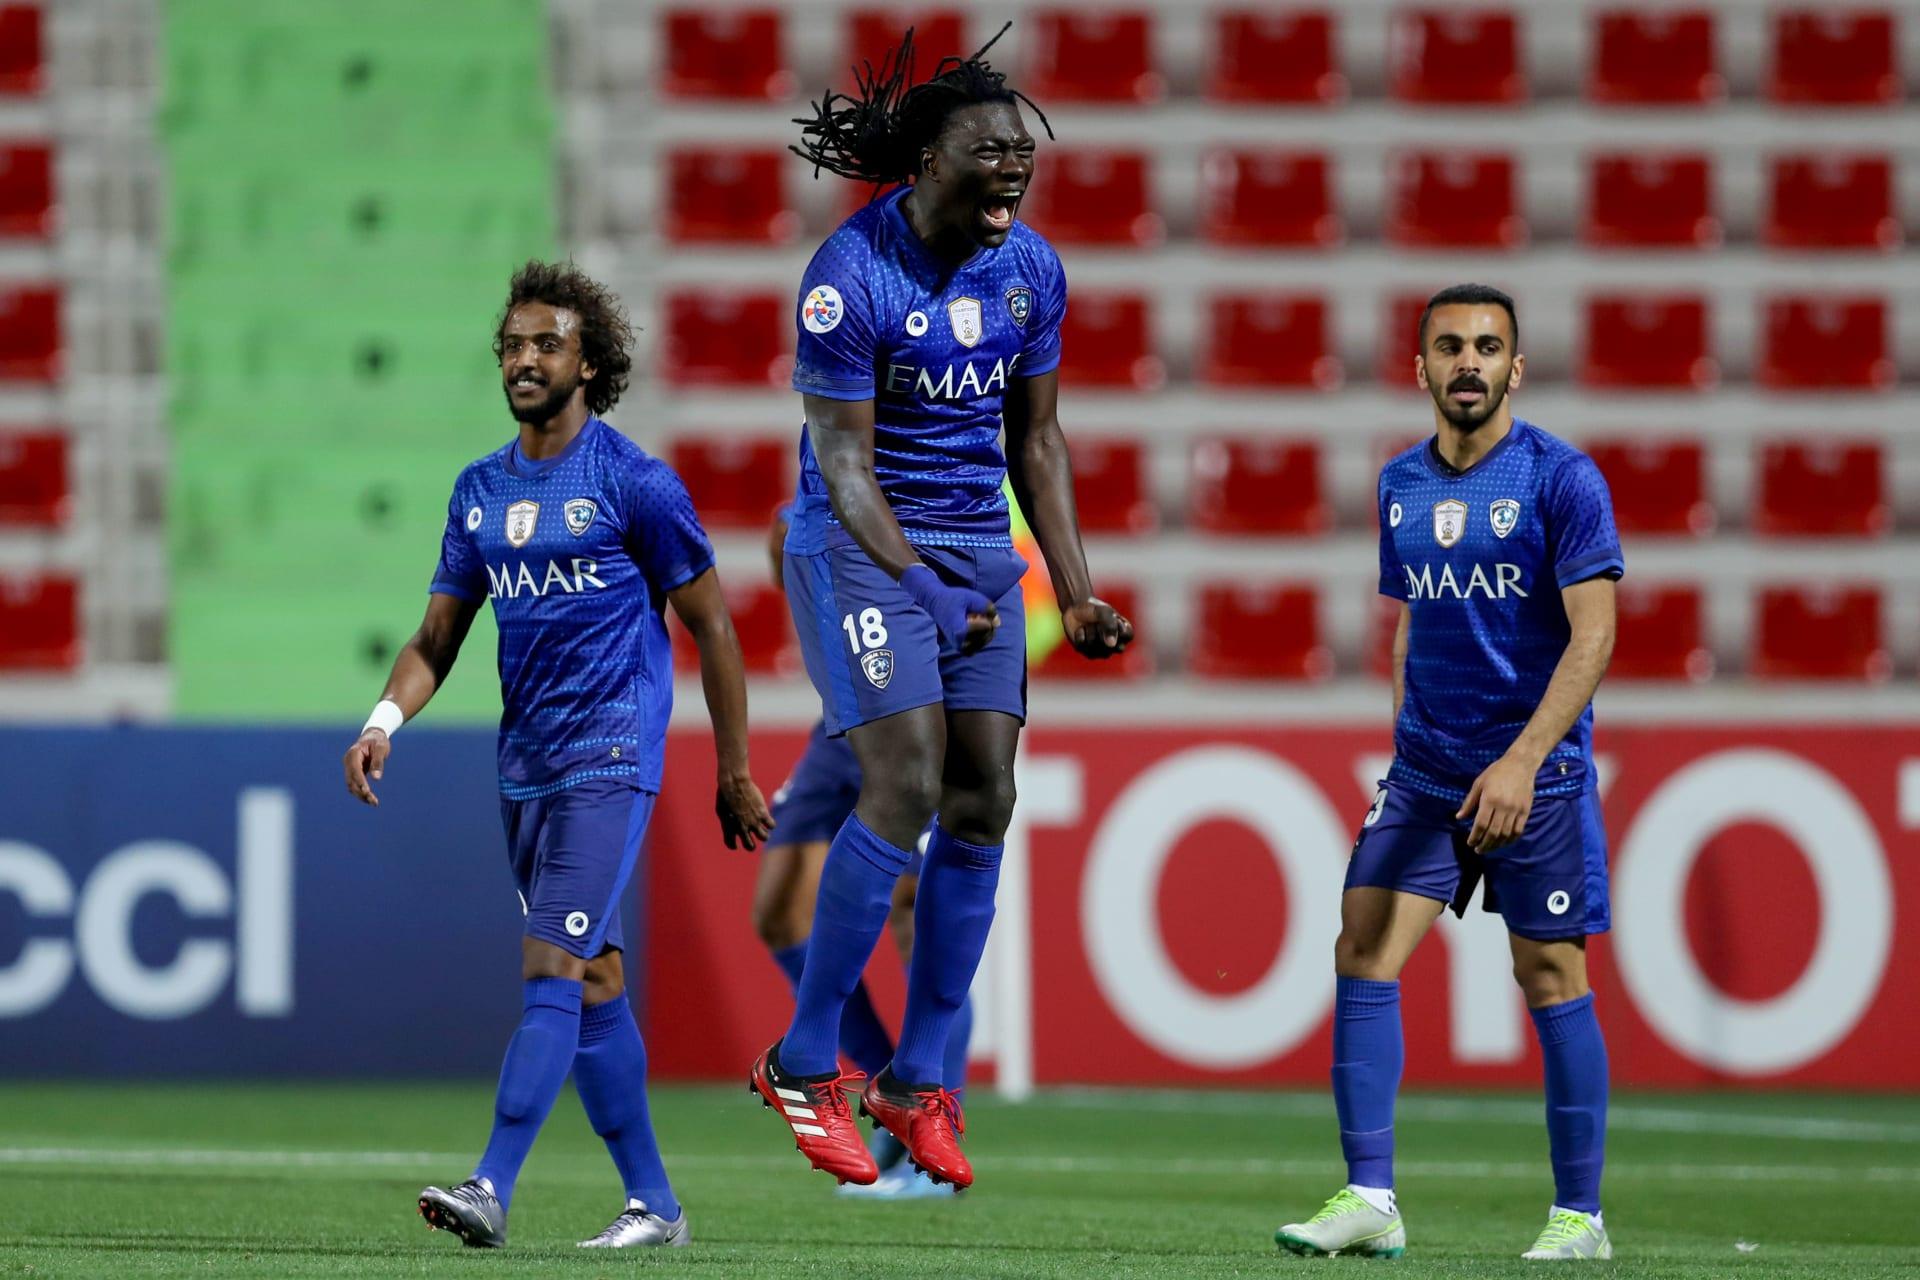 """بعد إصابة 15 من لاعبي الهلال بكورونا في قطر.. أمير سعودي يستبعد """"المؤامرة"""""""